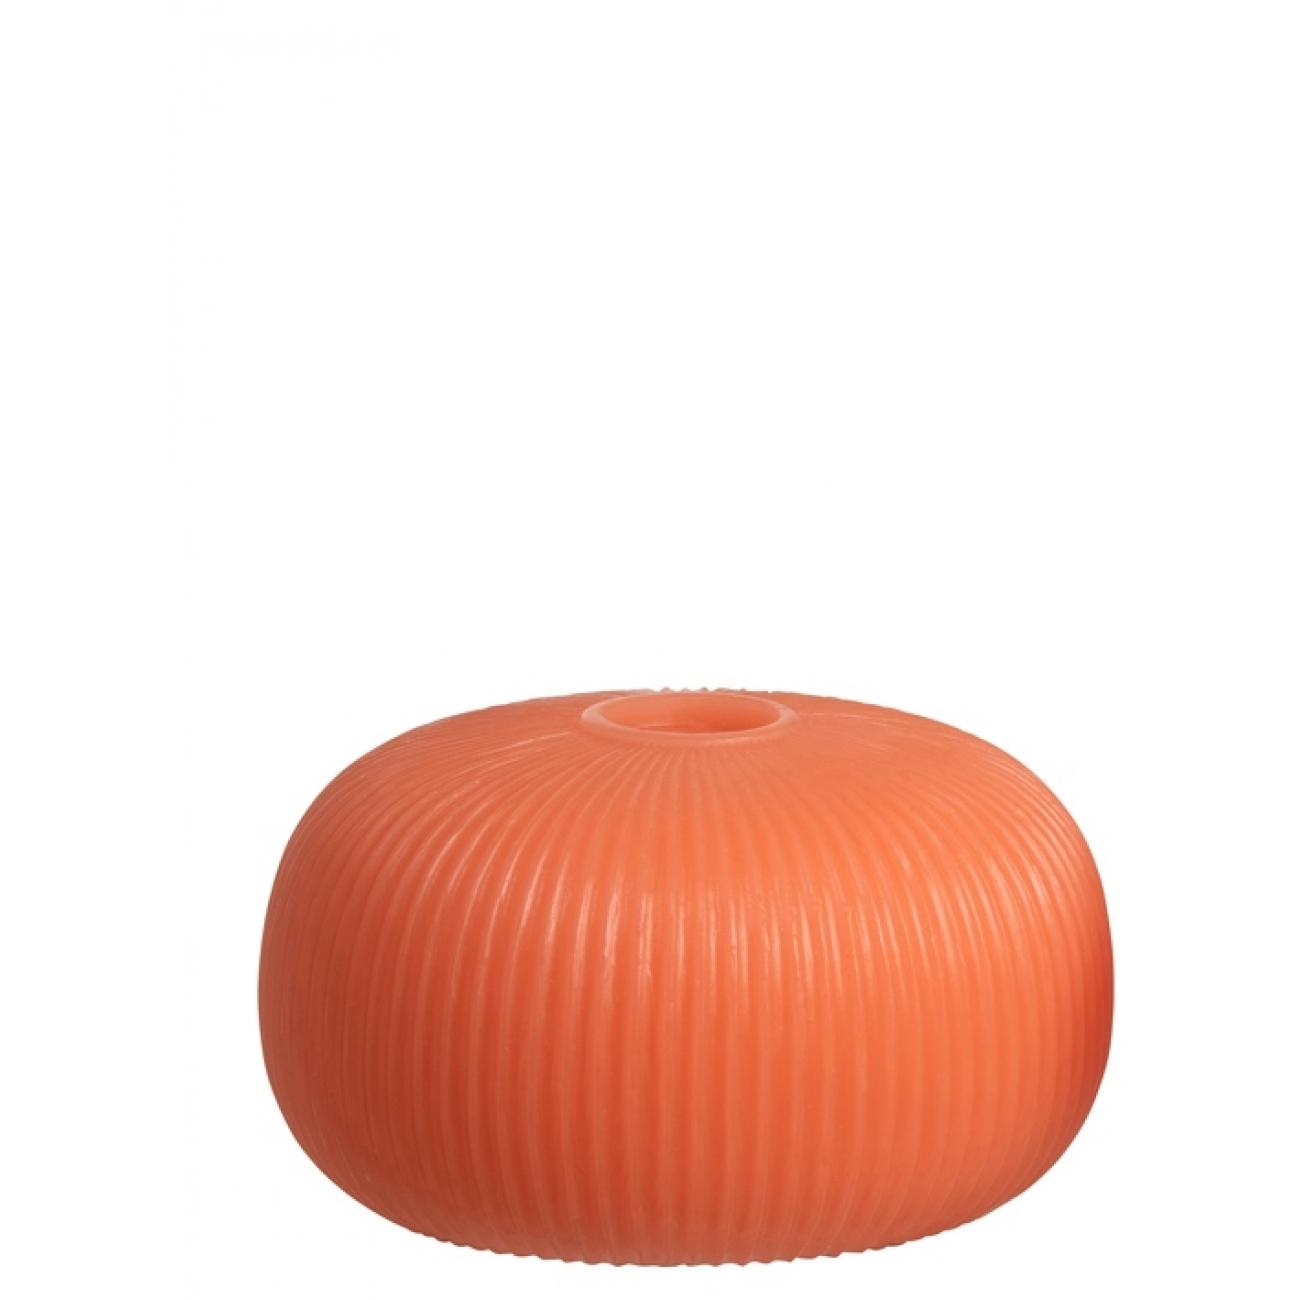 Ночник  J-LINE лед лампа   оранжевая круглая  14 см